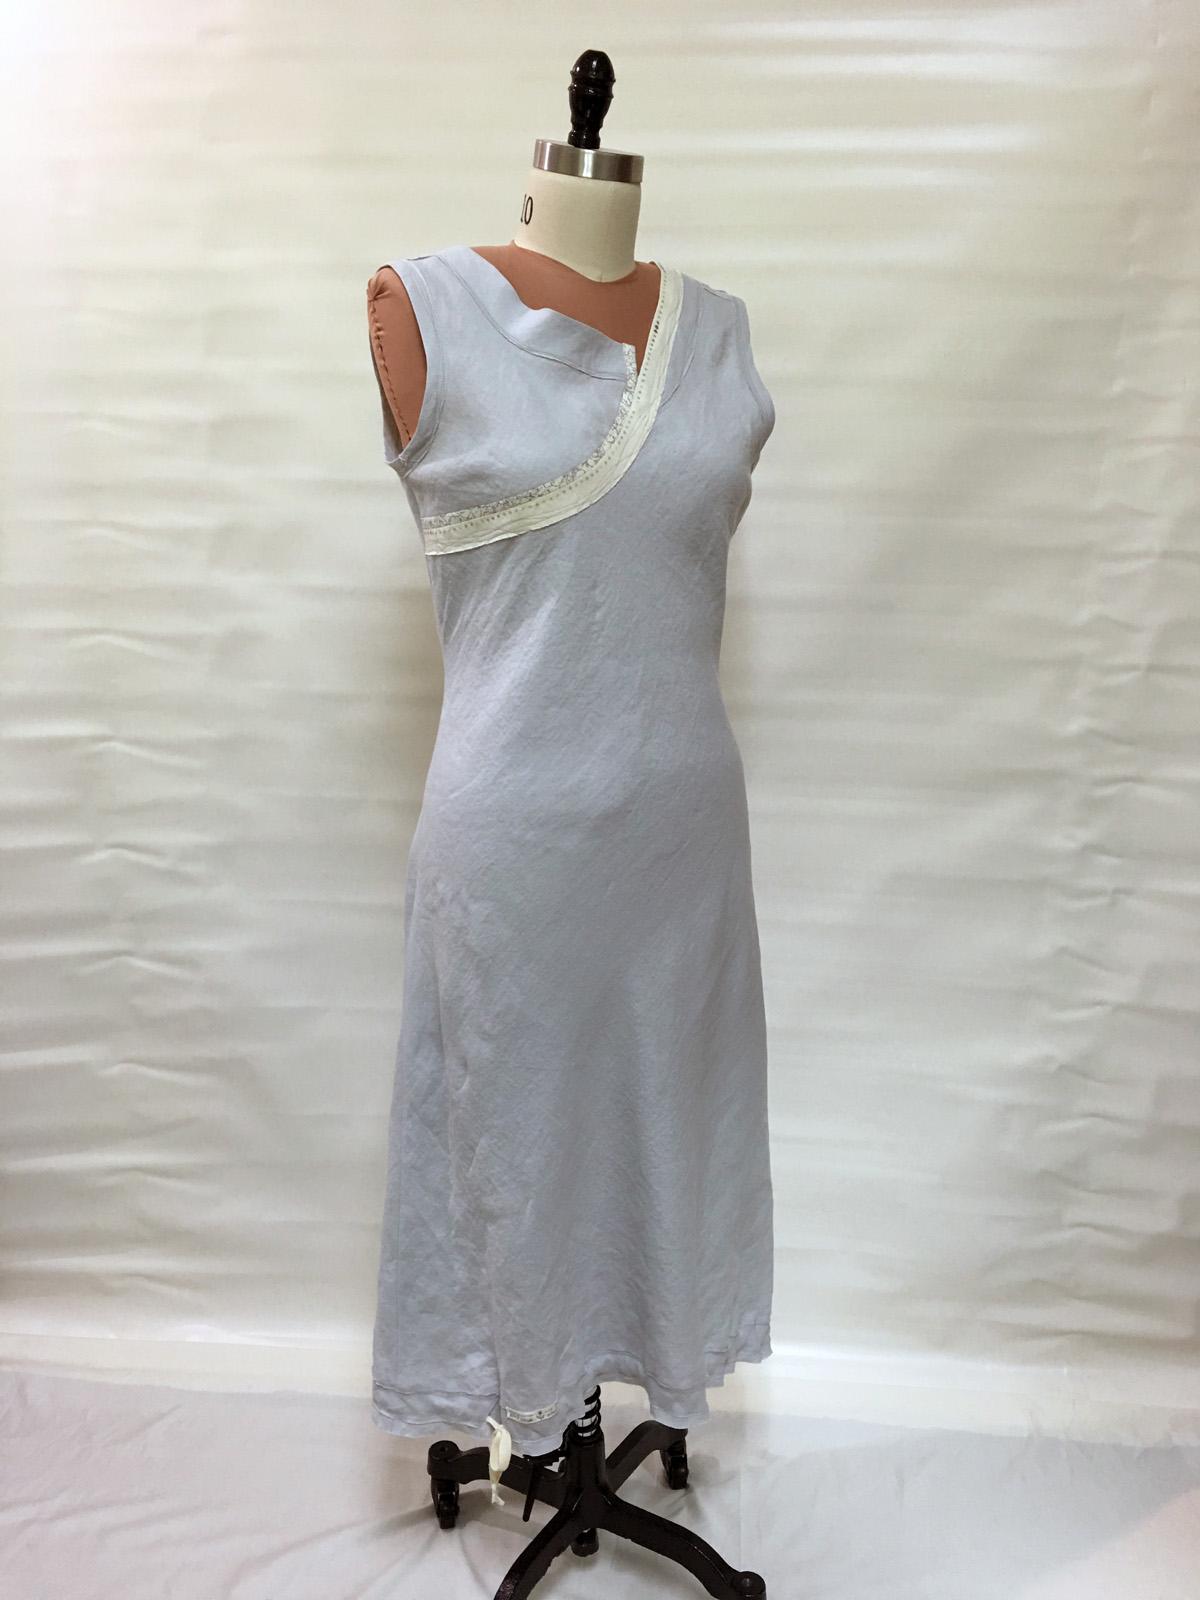 Bias-cut dress from linen tablecloth